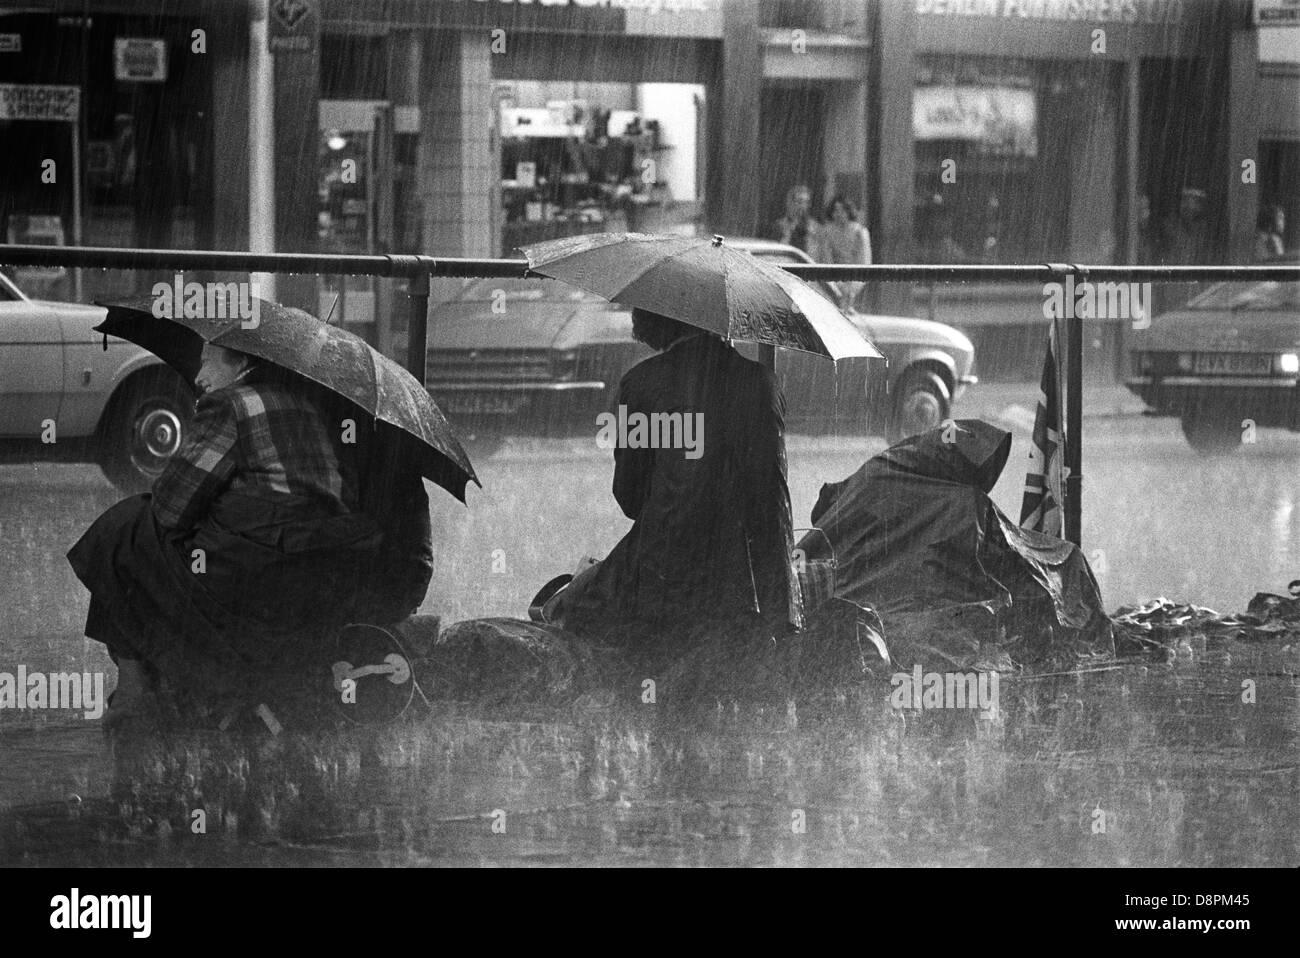 Schlechtes Wetter Queens Silver Jubilee 1977 Menschen sichern eine gute Position das Silberne Jubiläum Prozession Stockbild